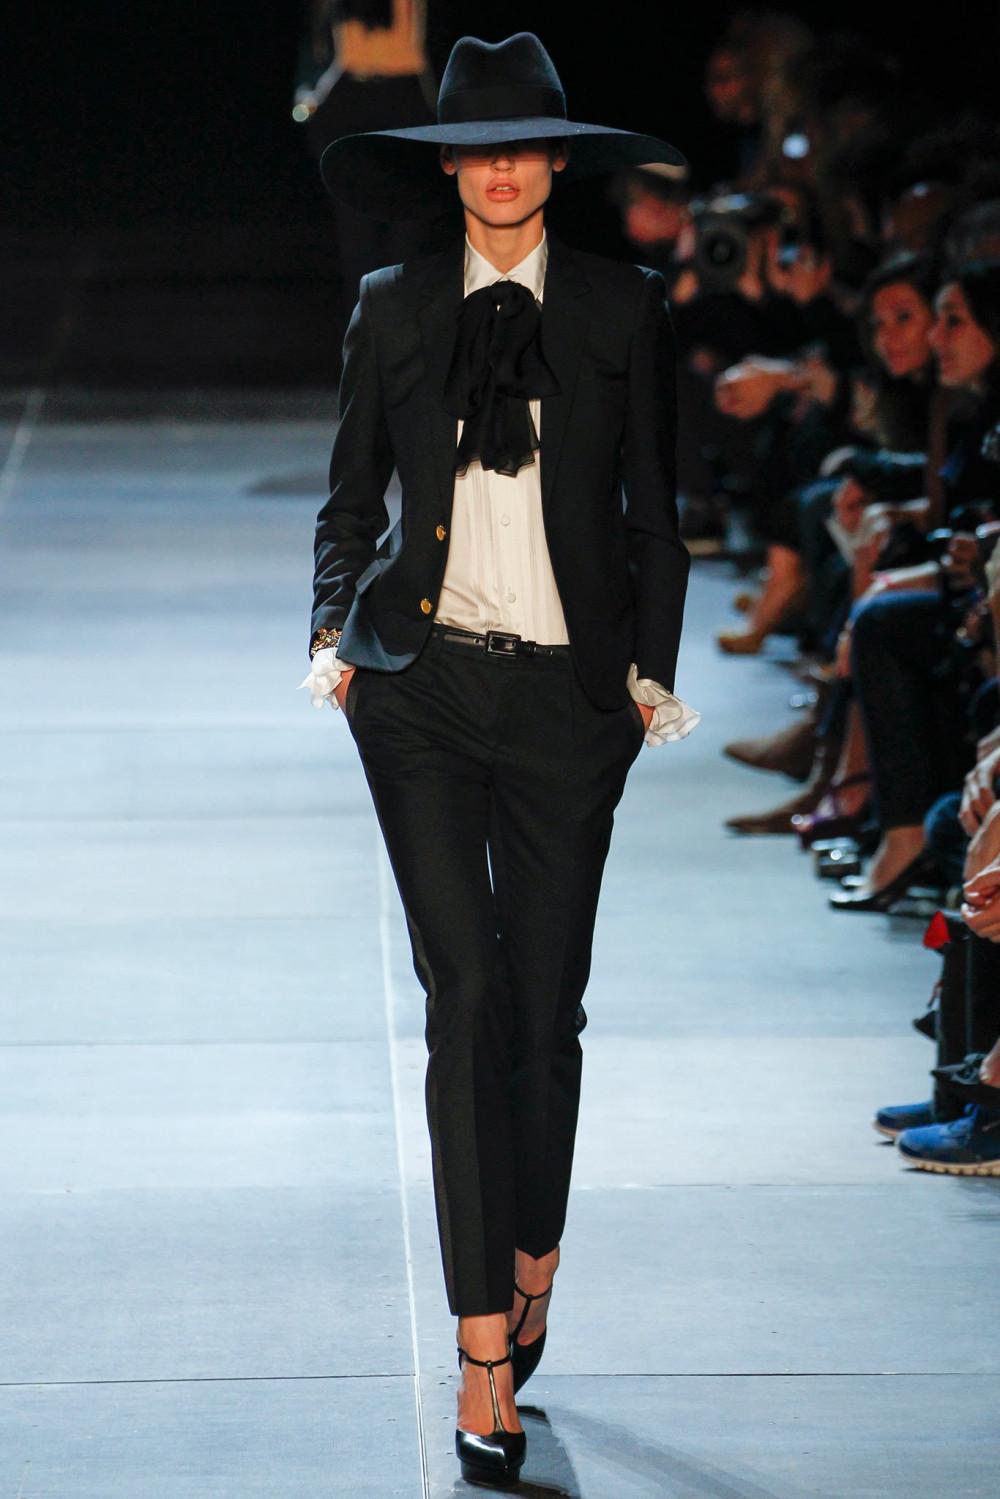 những dòng sản phẩm mang hơi hướm thời trang những năm 70 như mũ tròn, áo cổ nơ, đầm boho đen trở thành những sản phẩm bán chạy nhất của Saint Laurent khi trình làng bộ sưu tập mùa xuân vào năm 2013. Giám đốc sáng tạo  Hedi Slimane  đã pha trộn giữa nền văn hóa tuổi trẻ LA cùng chất neo-grunge đã mang đến những chiếc áo khoác da, giày Chelsea boots và quần skinny jeans – những items mang dấu ấn của anh rộng khắp toàn cầu.